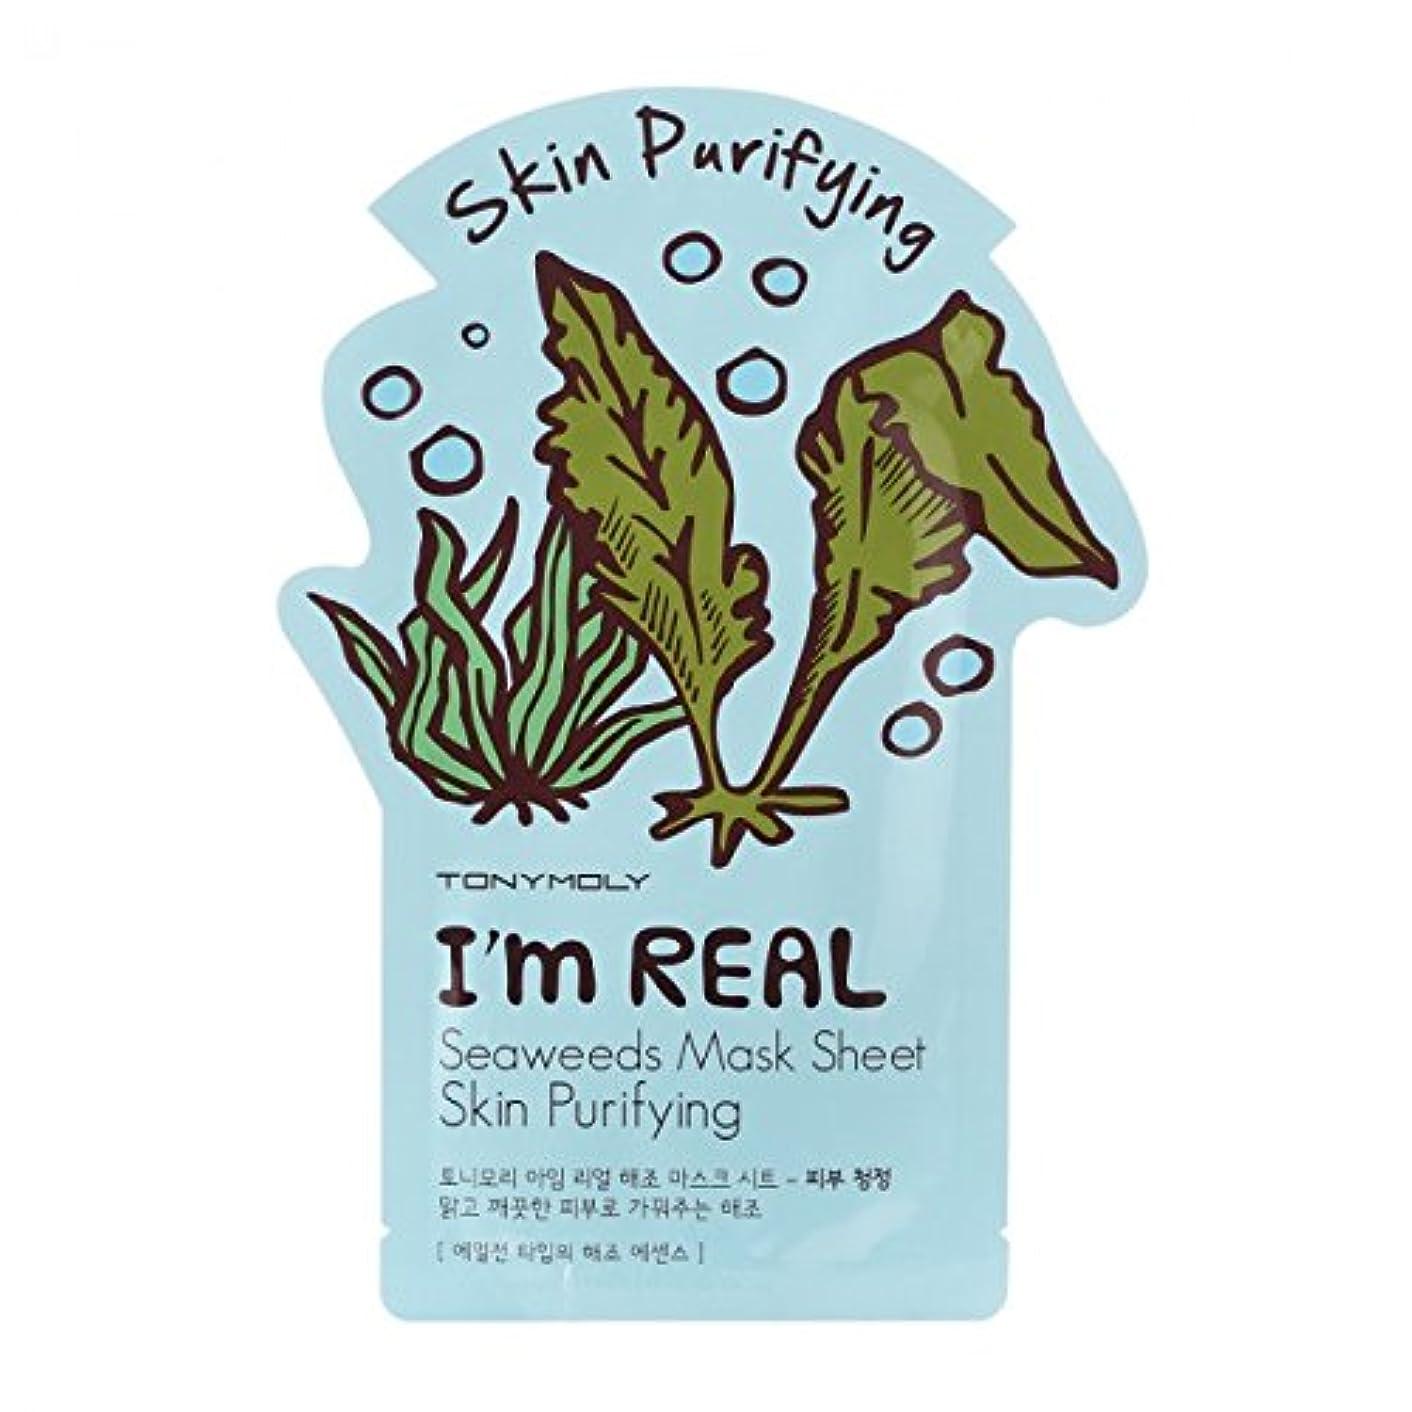 接続結び目保全(6 Pack) TONYMOLY I'm Real Seaweeds Mask Sheet Skin Purifying (並行輸入品)